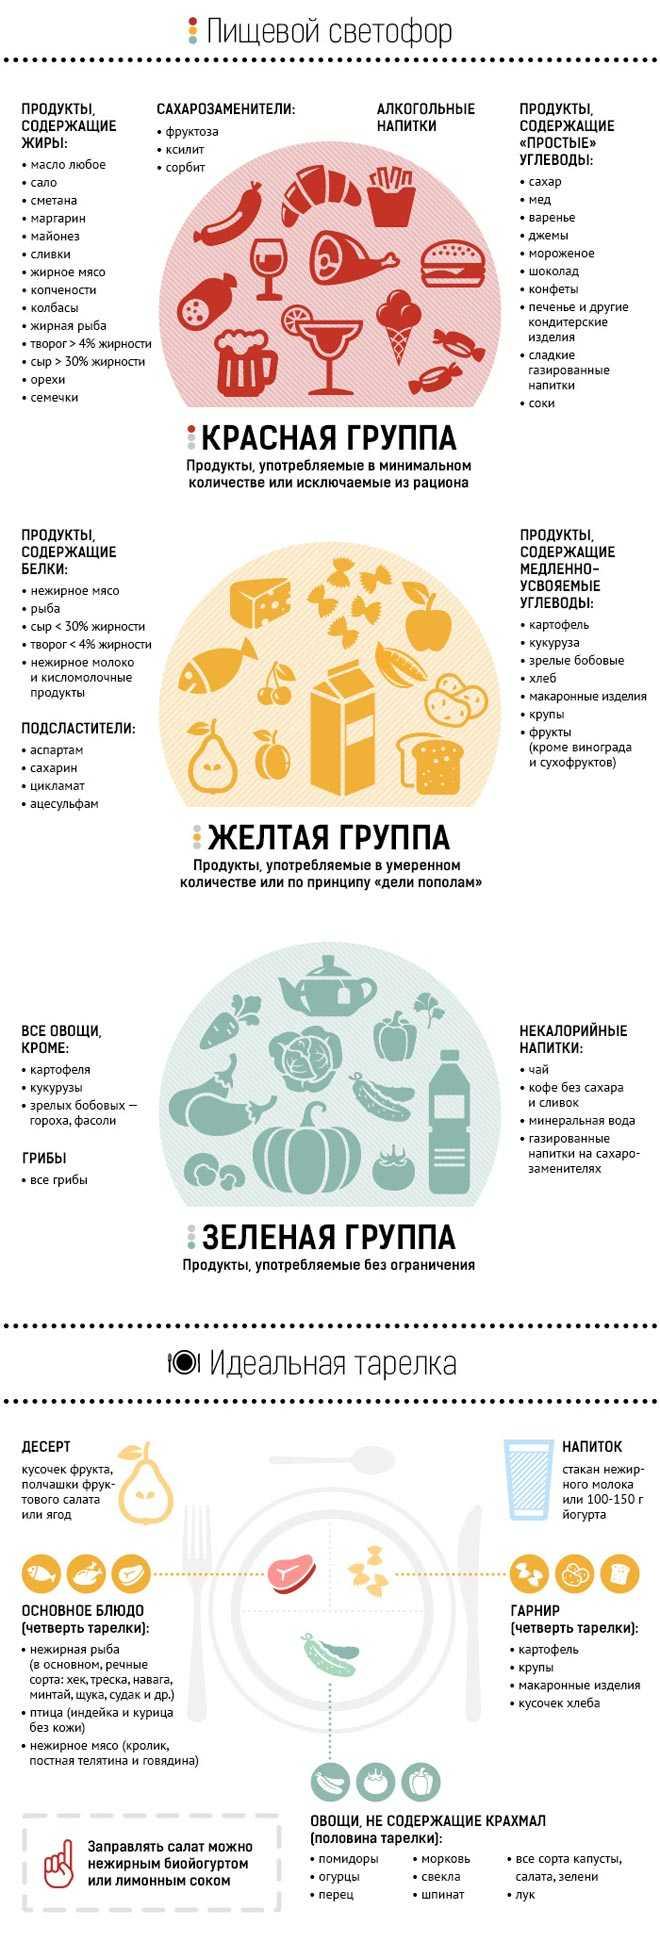 Питание при преддиабете